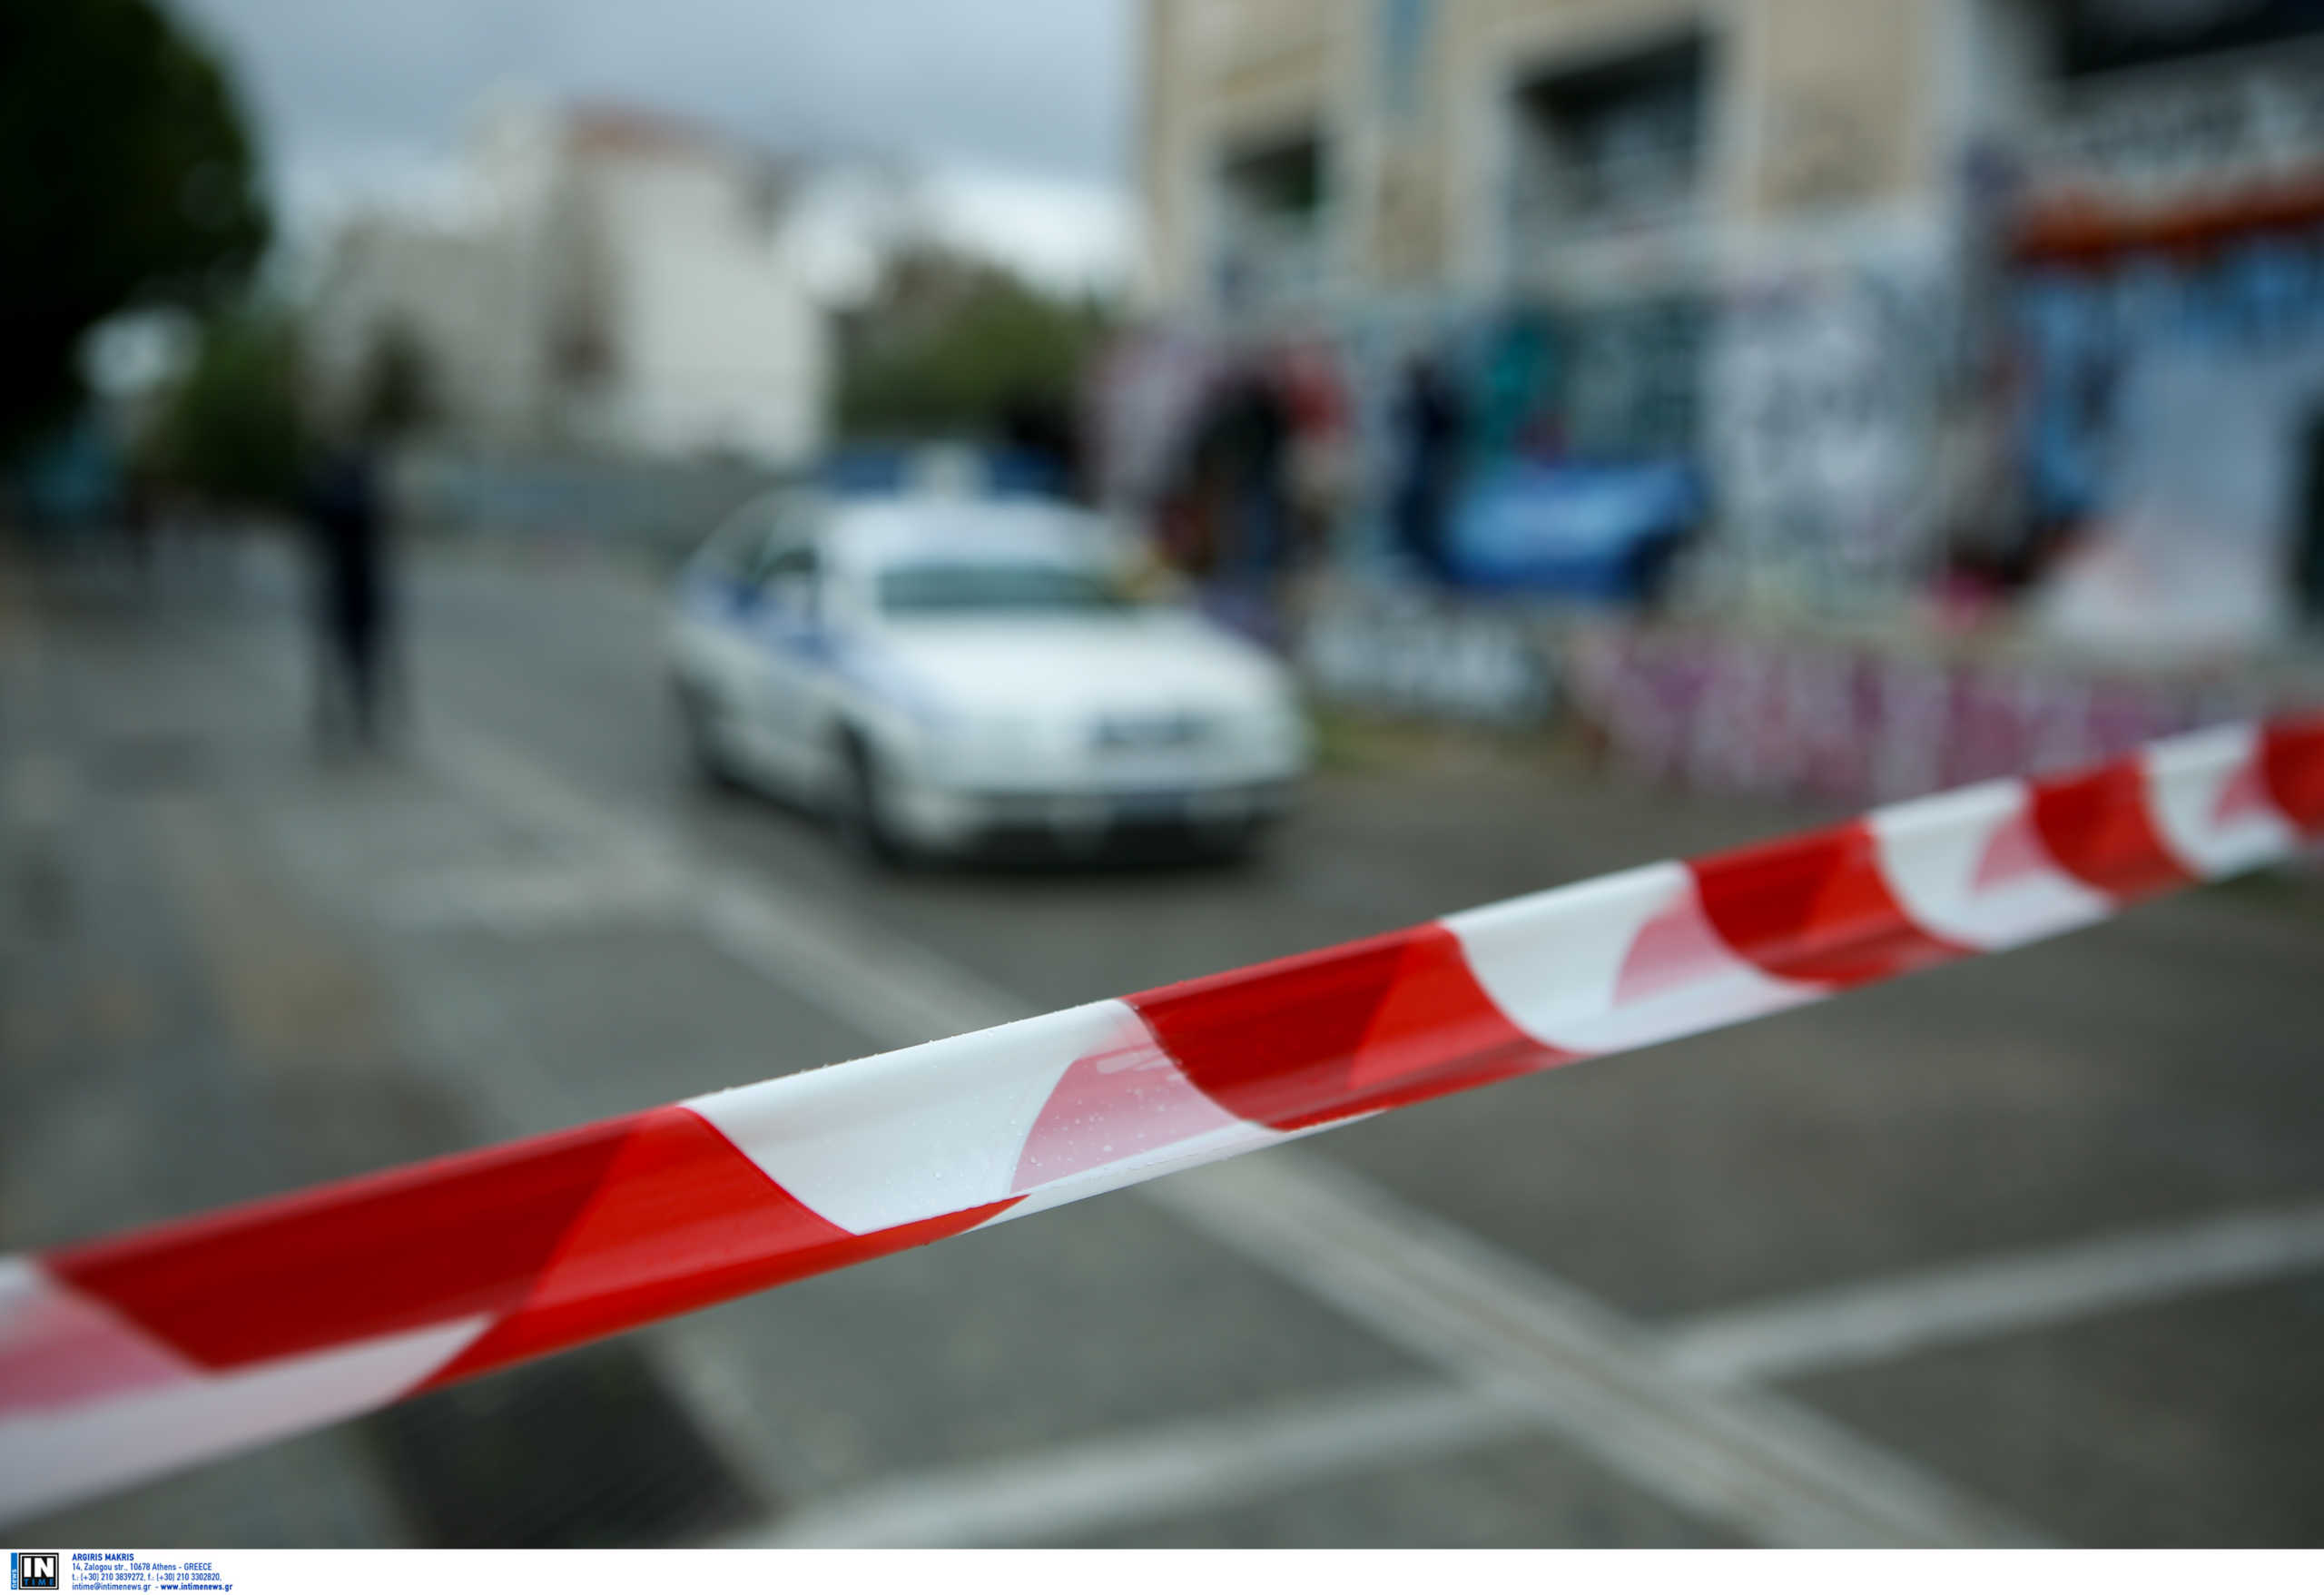 Ιεράπετρα: Η απαγόρευση κυκλοφορίας δεν άλλαξε τα σχέδιά τους! Οι αποκαλύψεις έφεραν 4 συλλήψεις